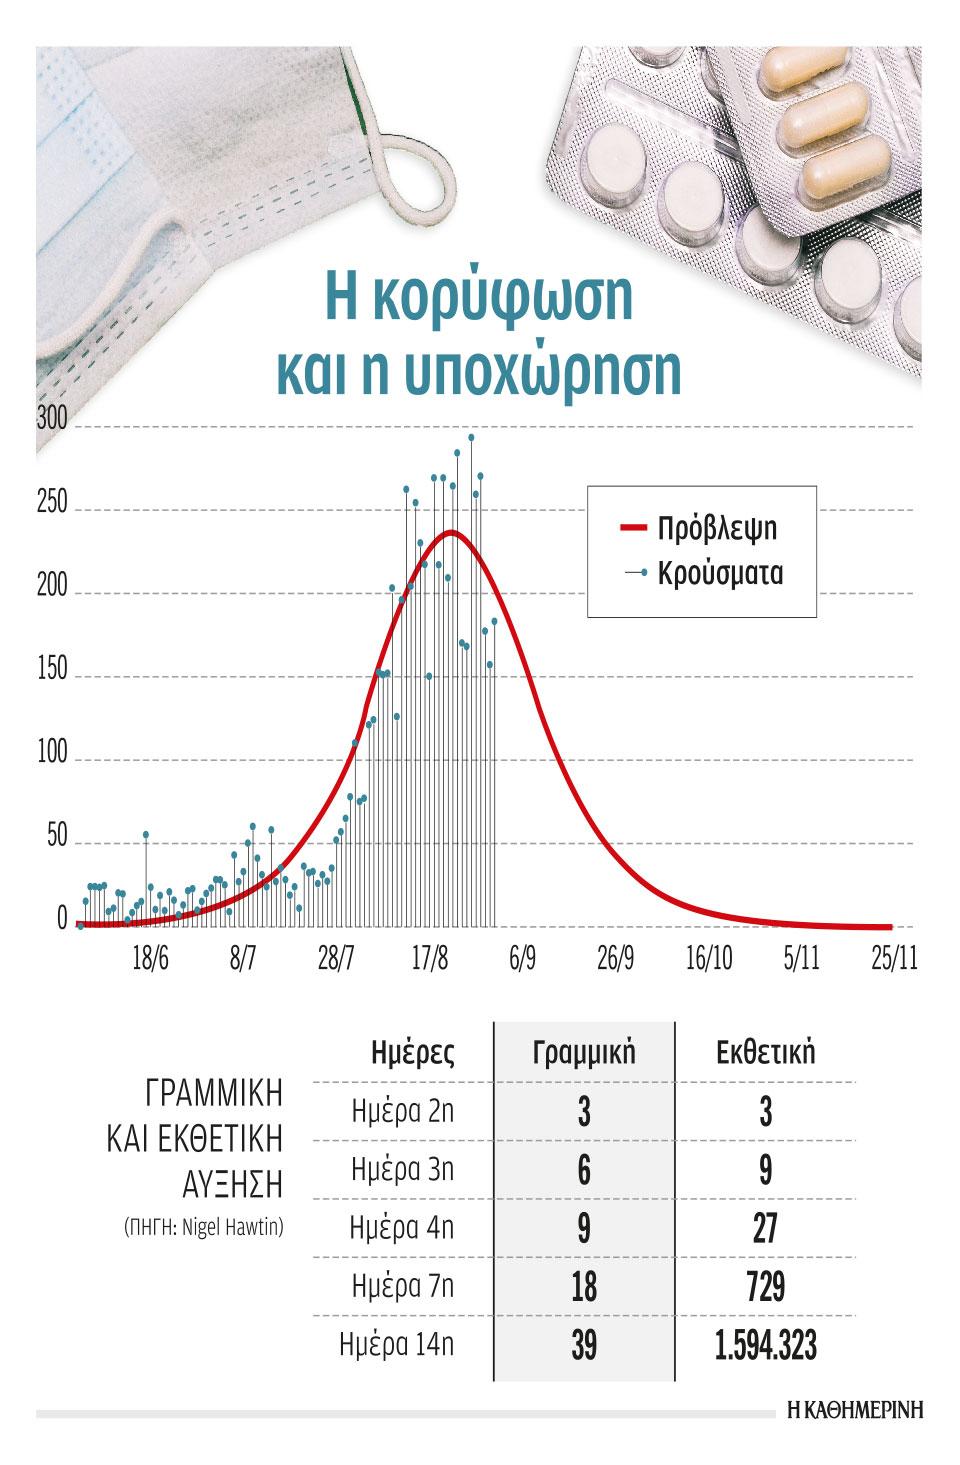 apopsi-provlepsi-tis-exelixis-toy-2oy-kymatos-ton-kroysmaton-toy-koronoioy1